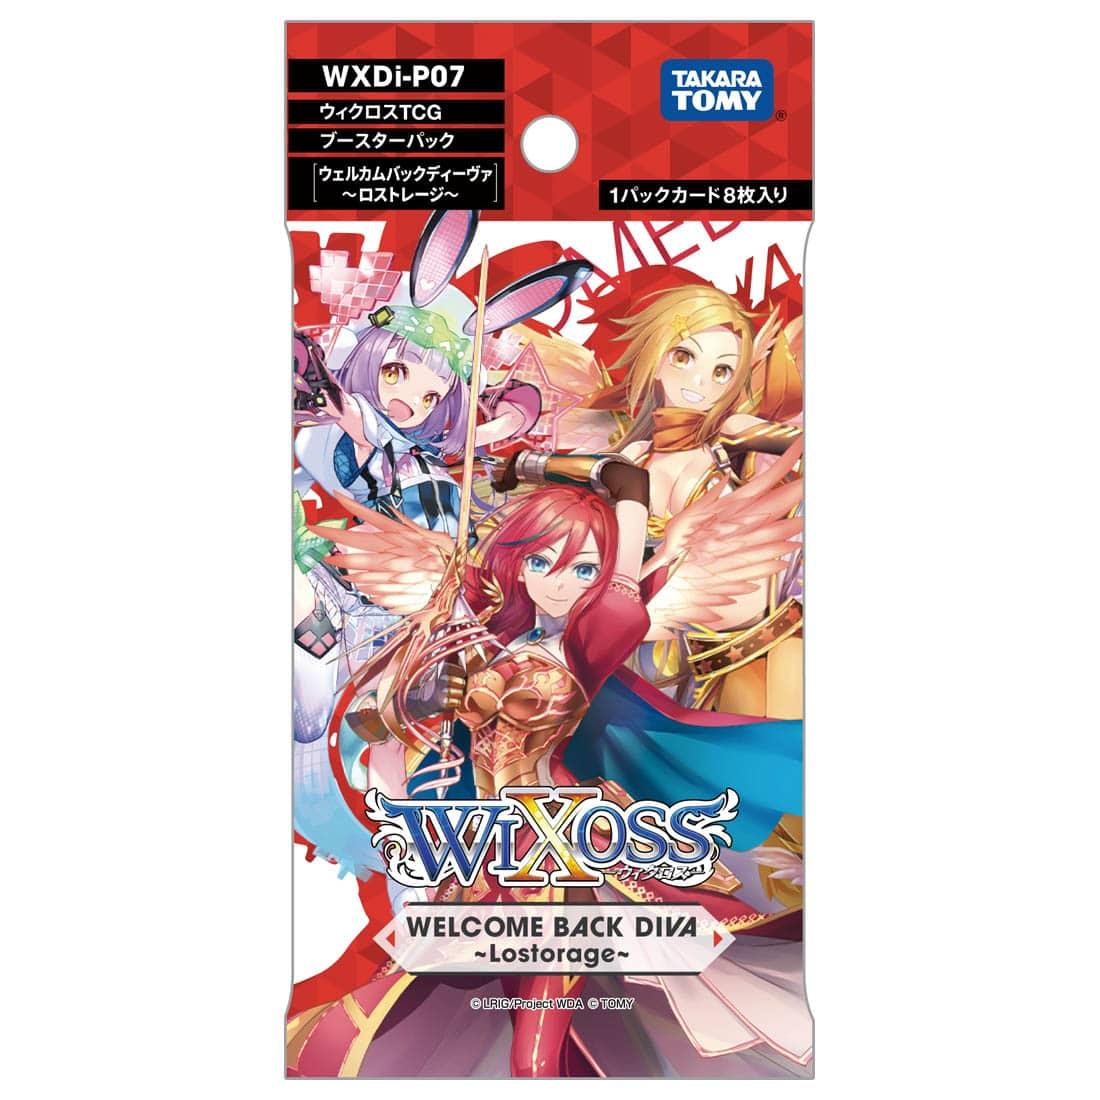 ウィクロスTCG ブースターパック『WXDi-P07 WELCOME BACK DIVA ~Lostorage~』WIXOSS DP-BOX-002